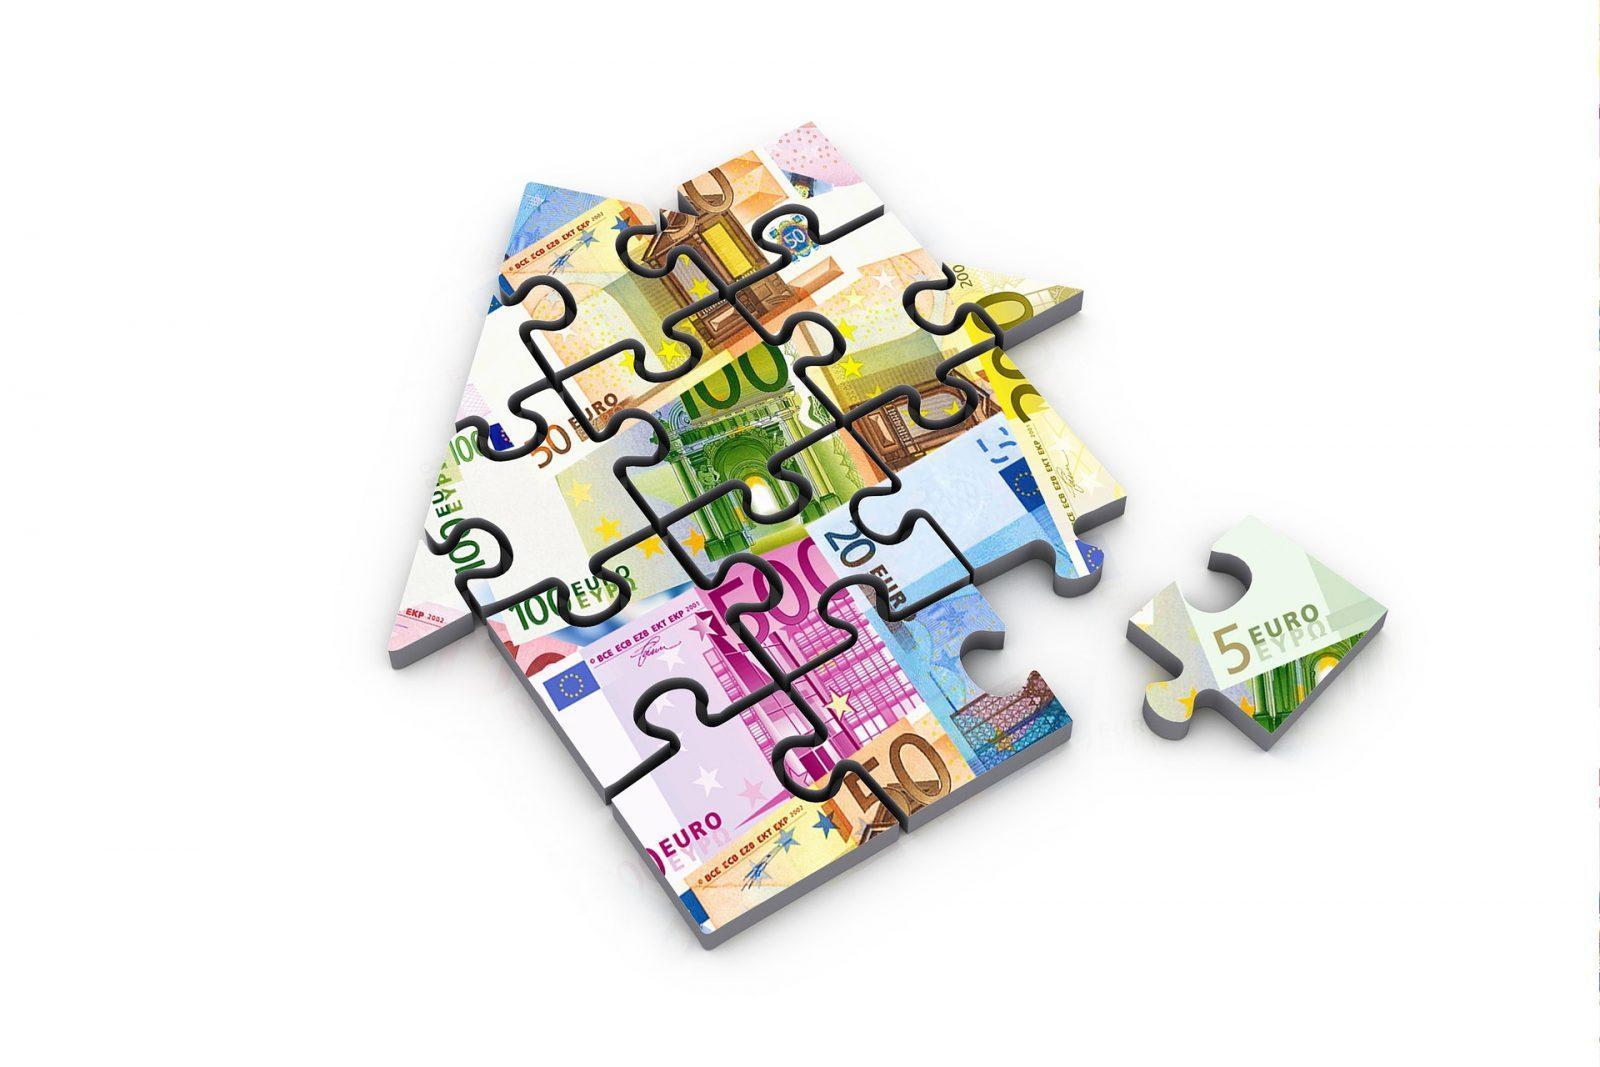 Ev fiyatı nasıl belirlenir?